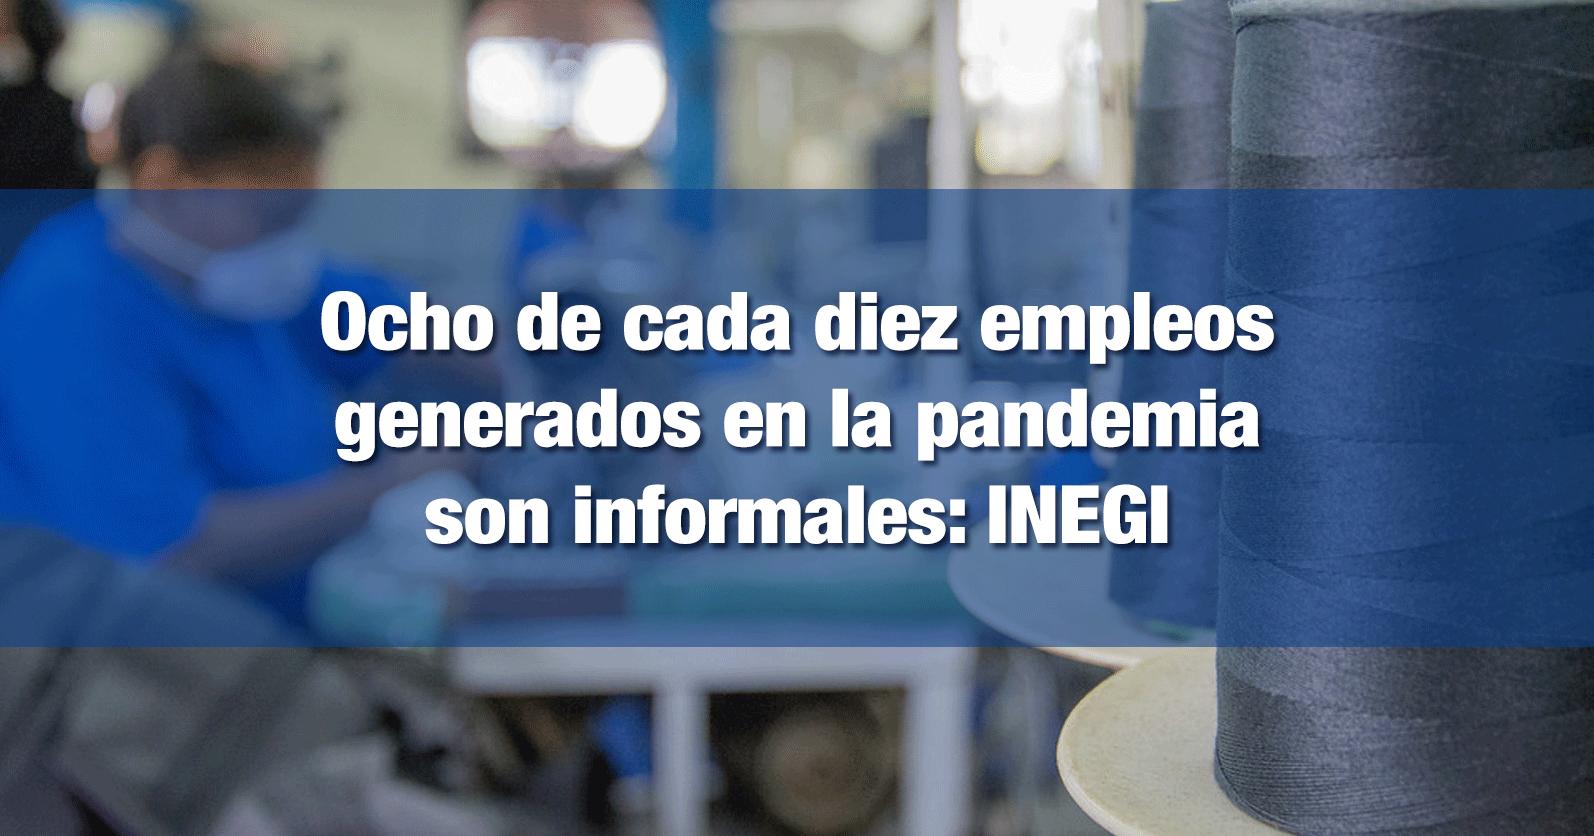 Ocho de cada diez empleos generados en la pandemia son informales: INEGI